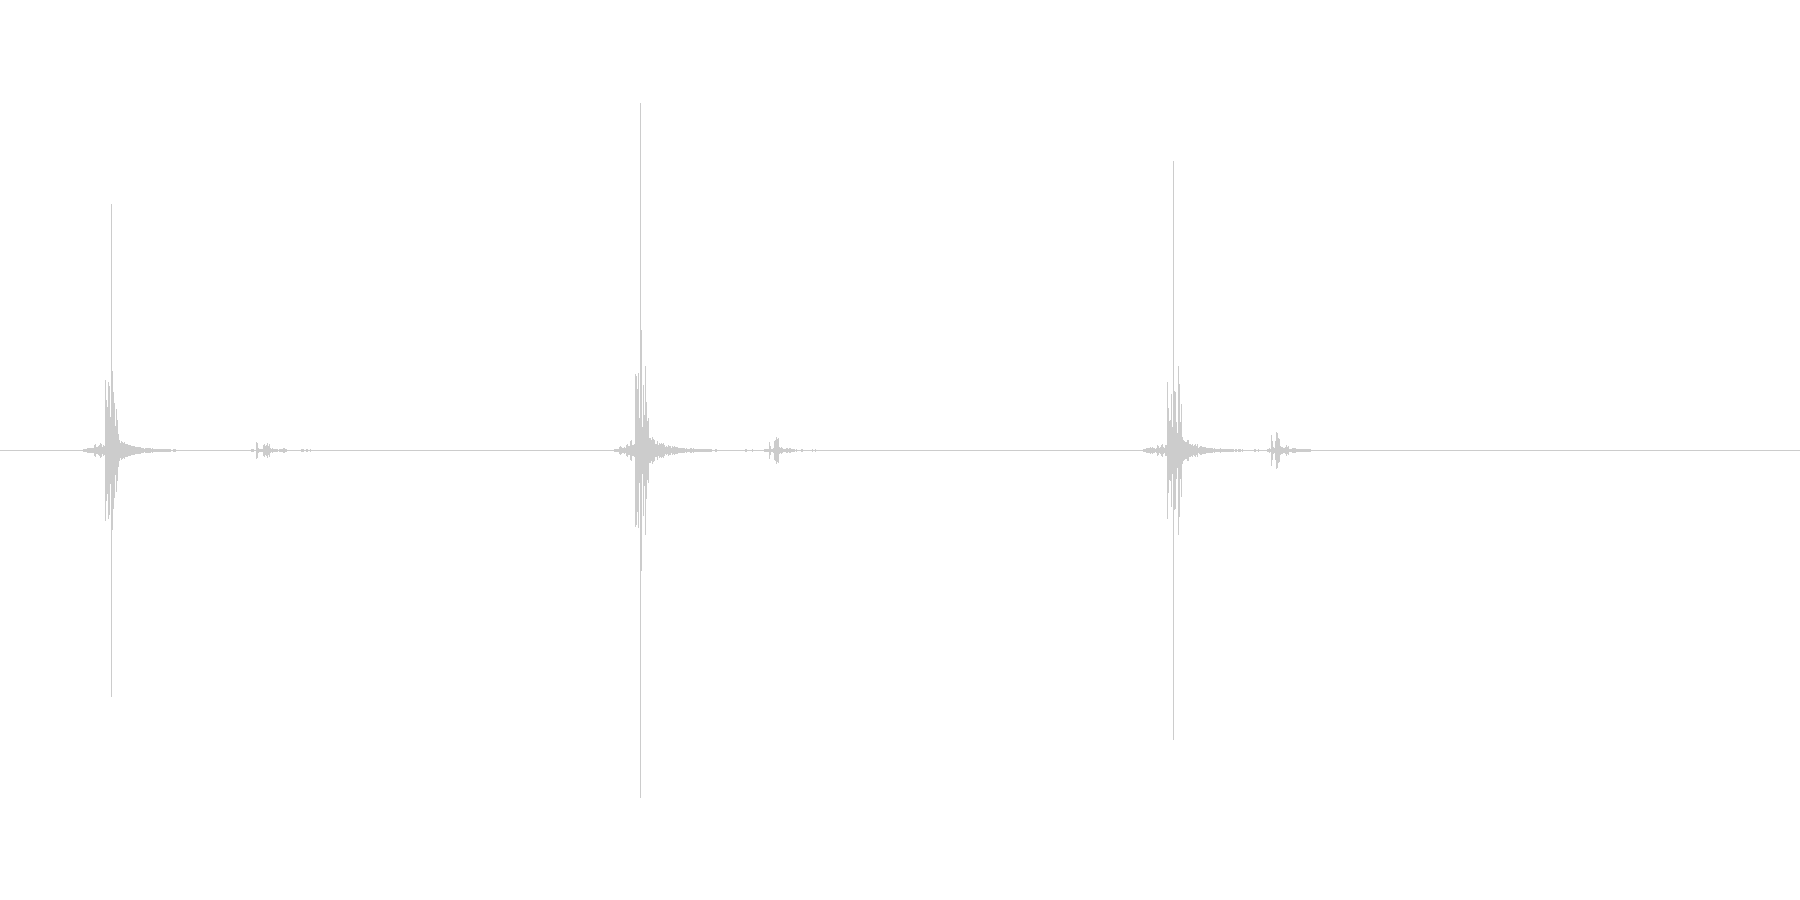 ハサミの音。の未再生の波形